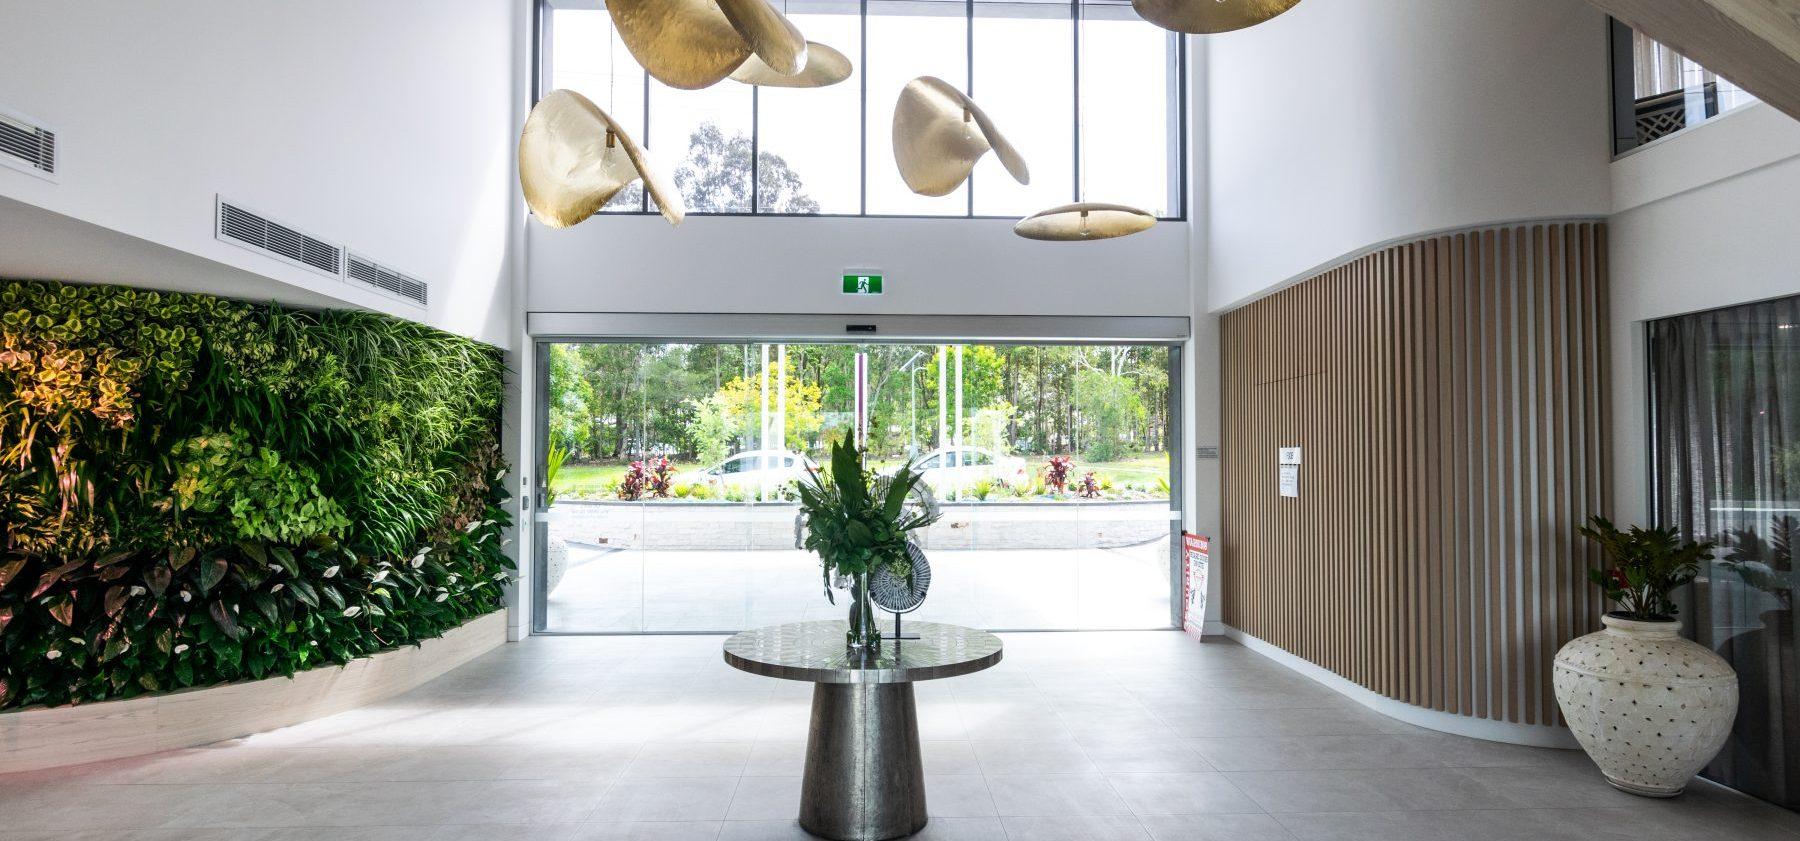 Arcare Noosa Internal Entrance